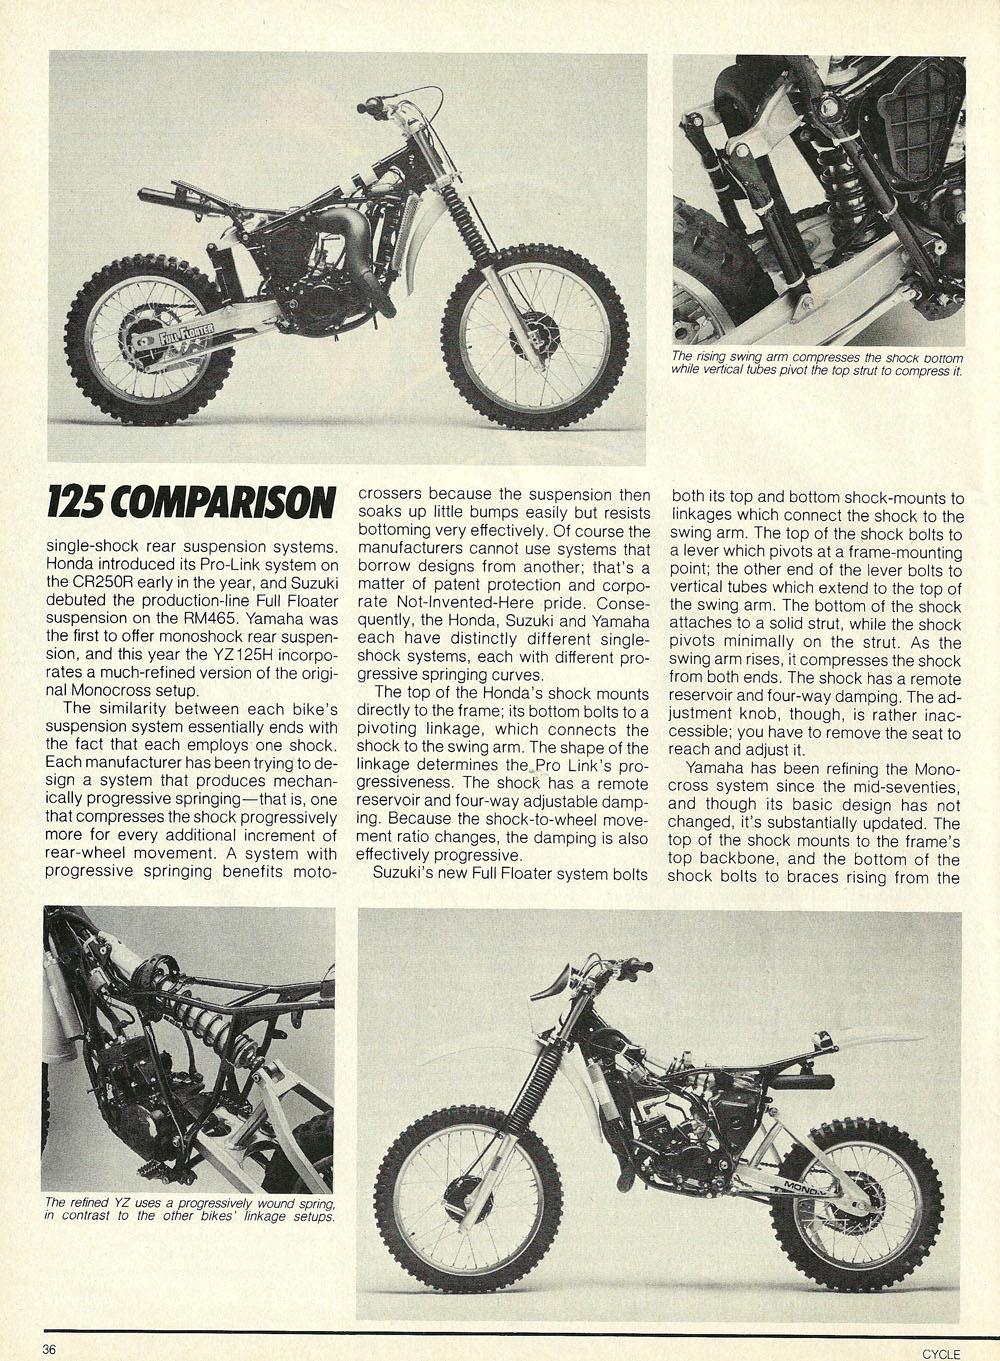 1981 CR125 RM125 YZ125 test 04.jpg